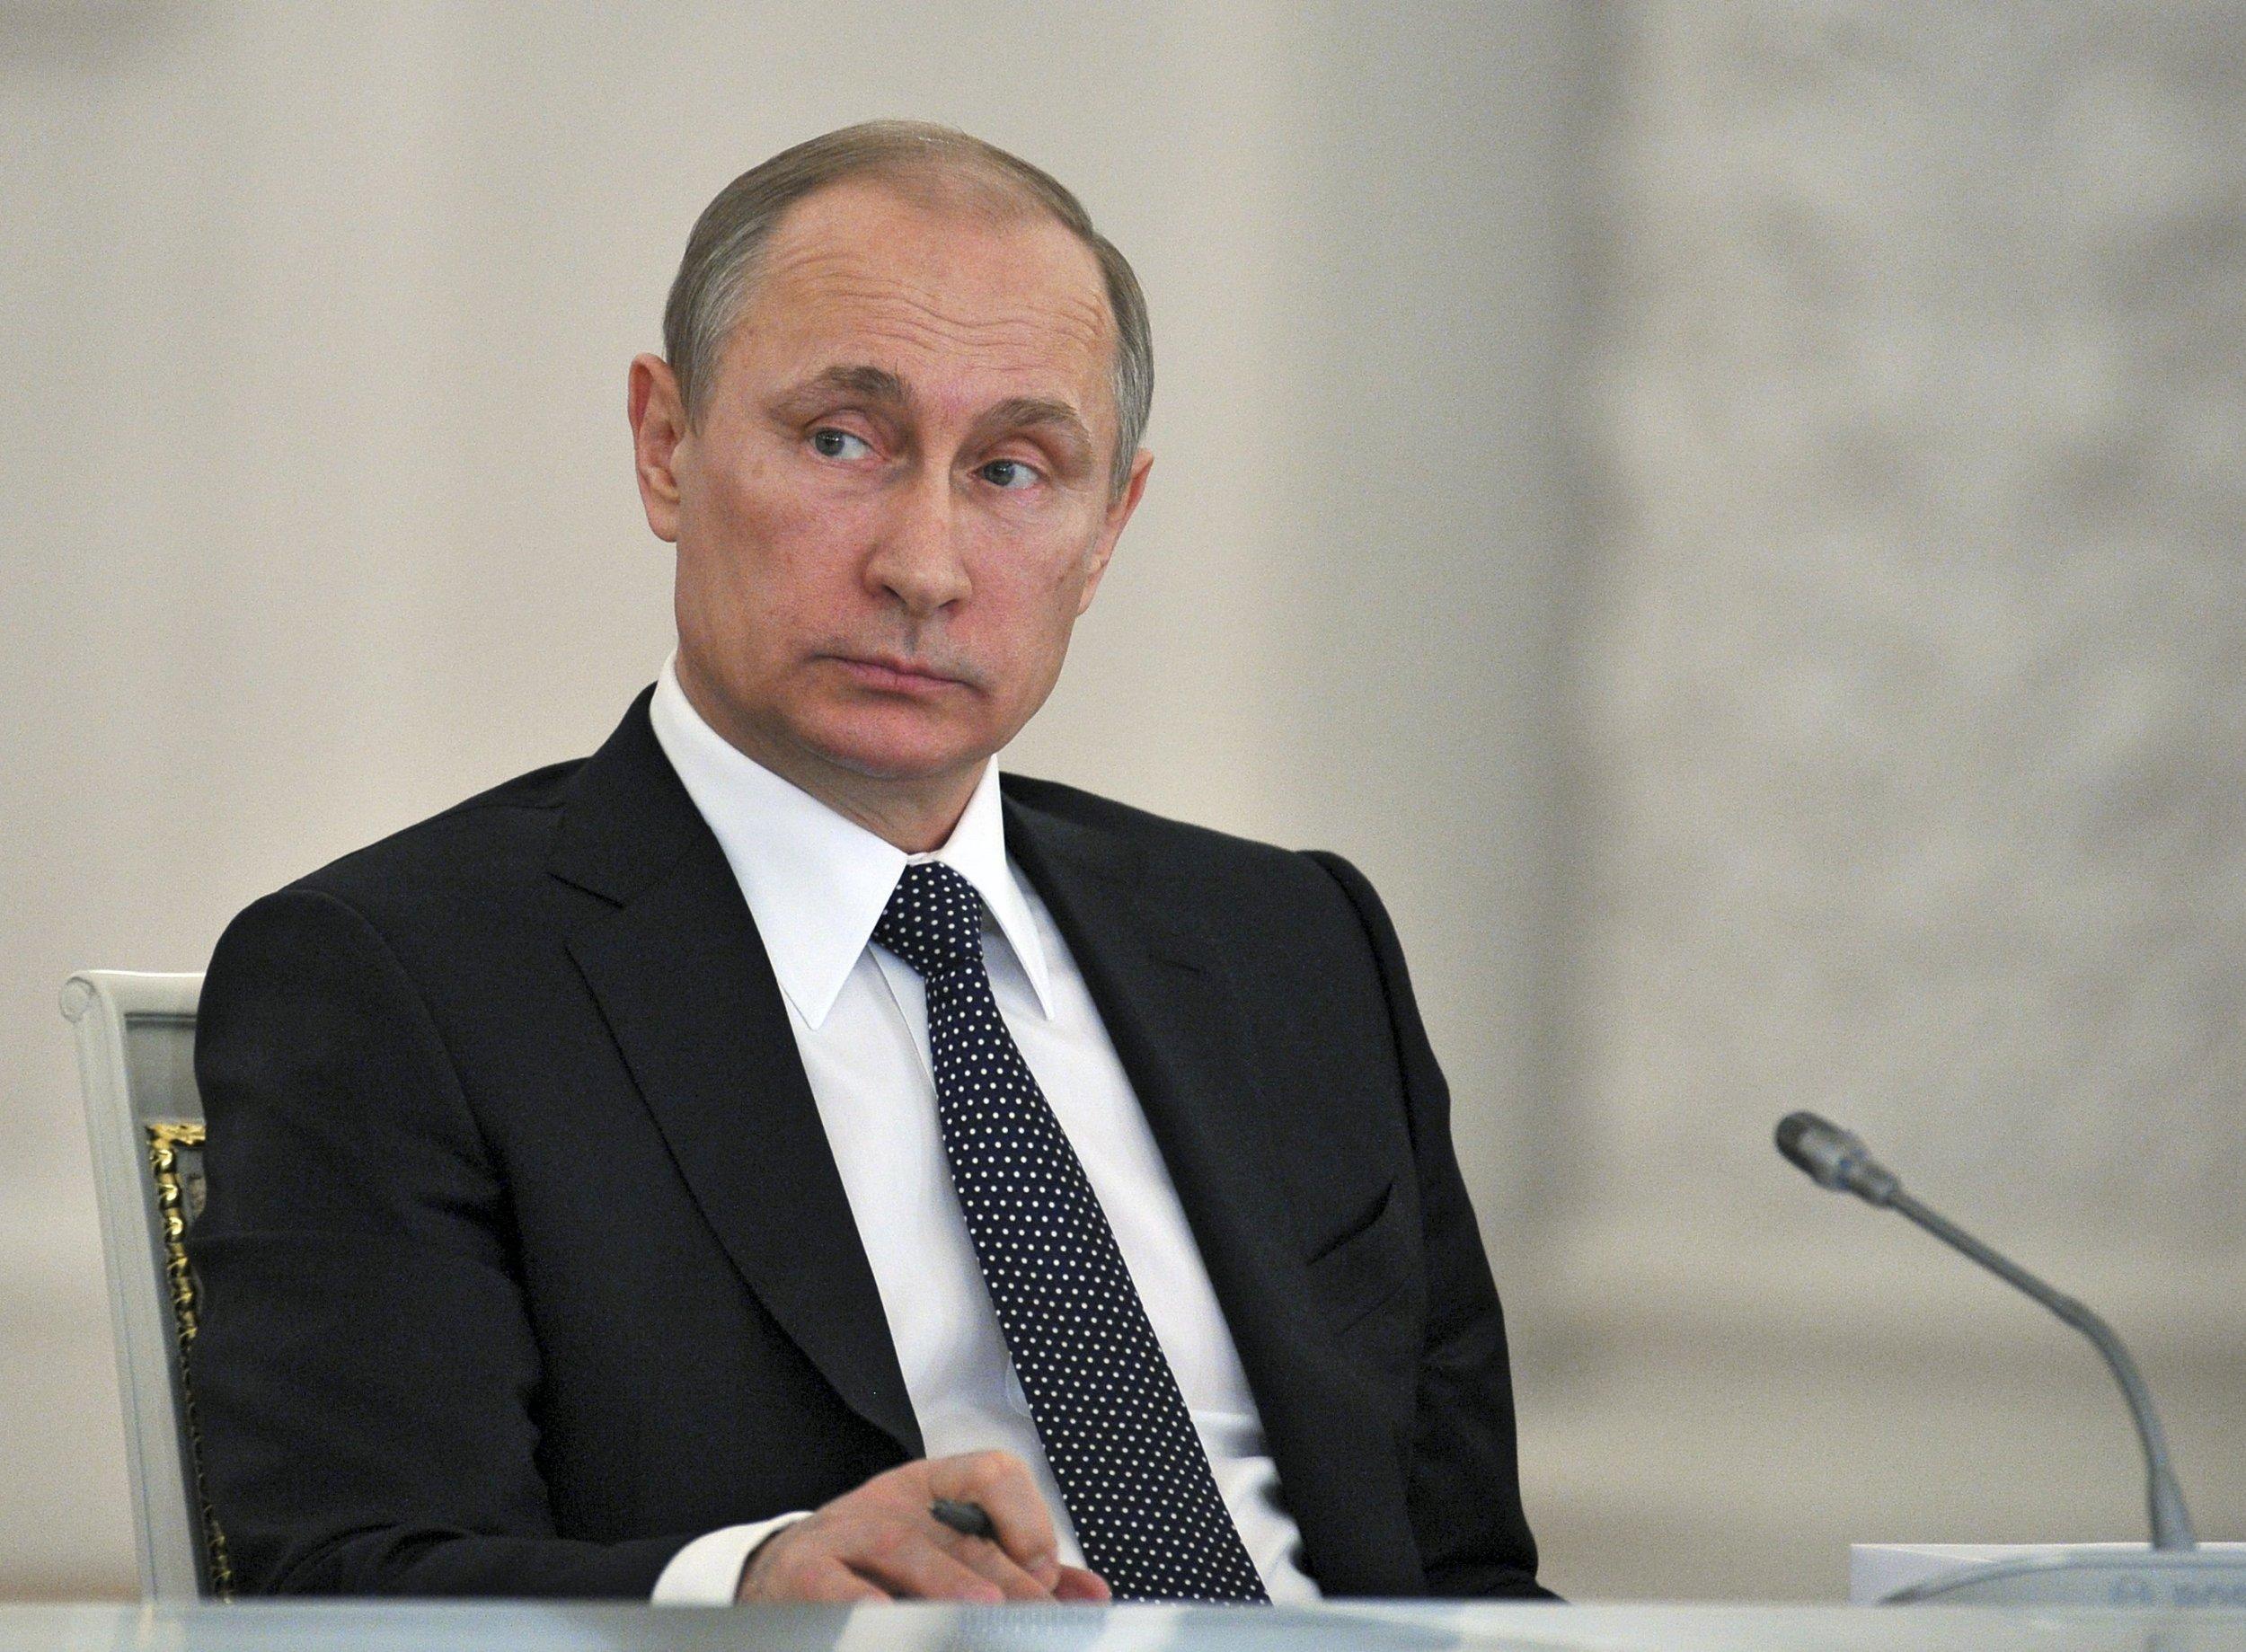 2015-04-15T142503Z_1_LYNXMPEB3E0P3_RTROPTP_4_RUSSIA-POLITICS